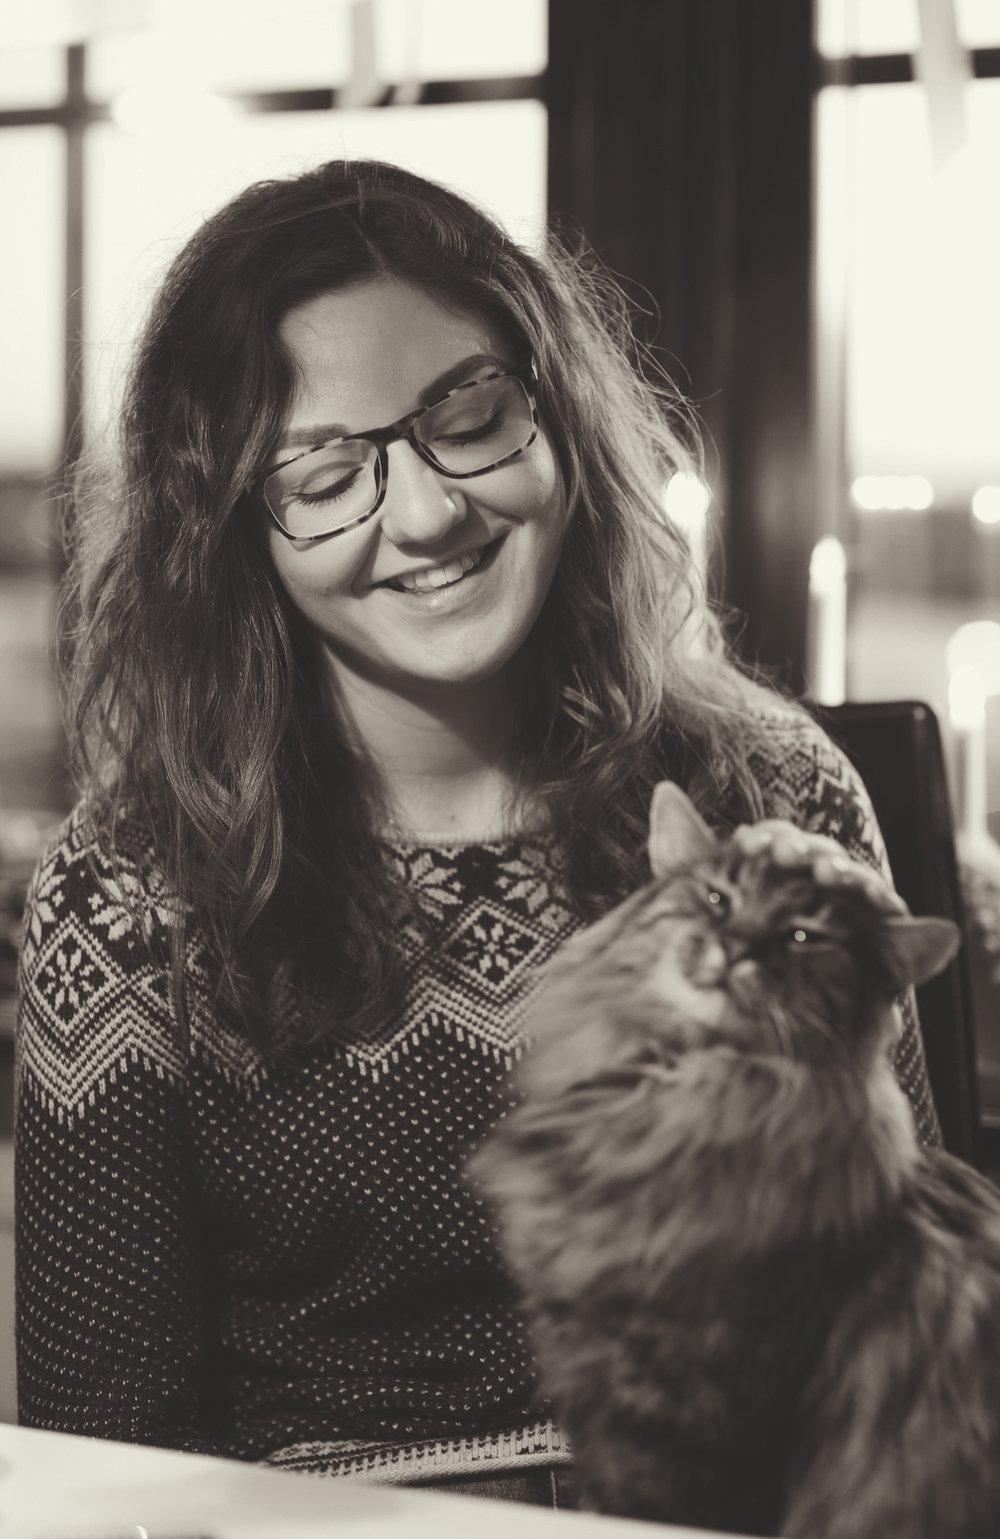 Rebecca och katten Findus